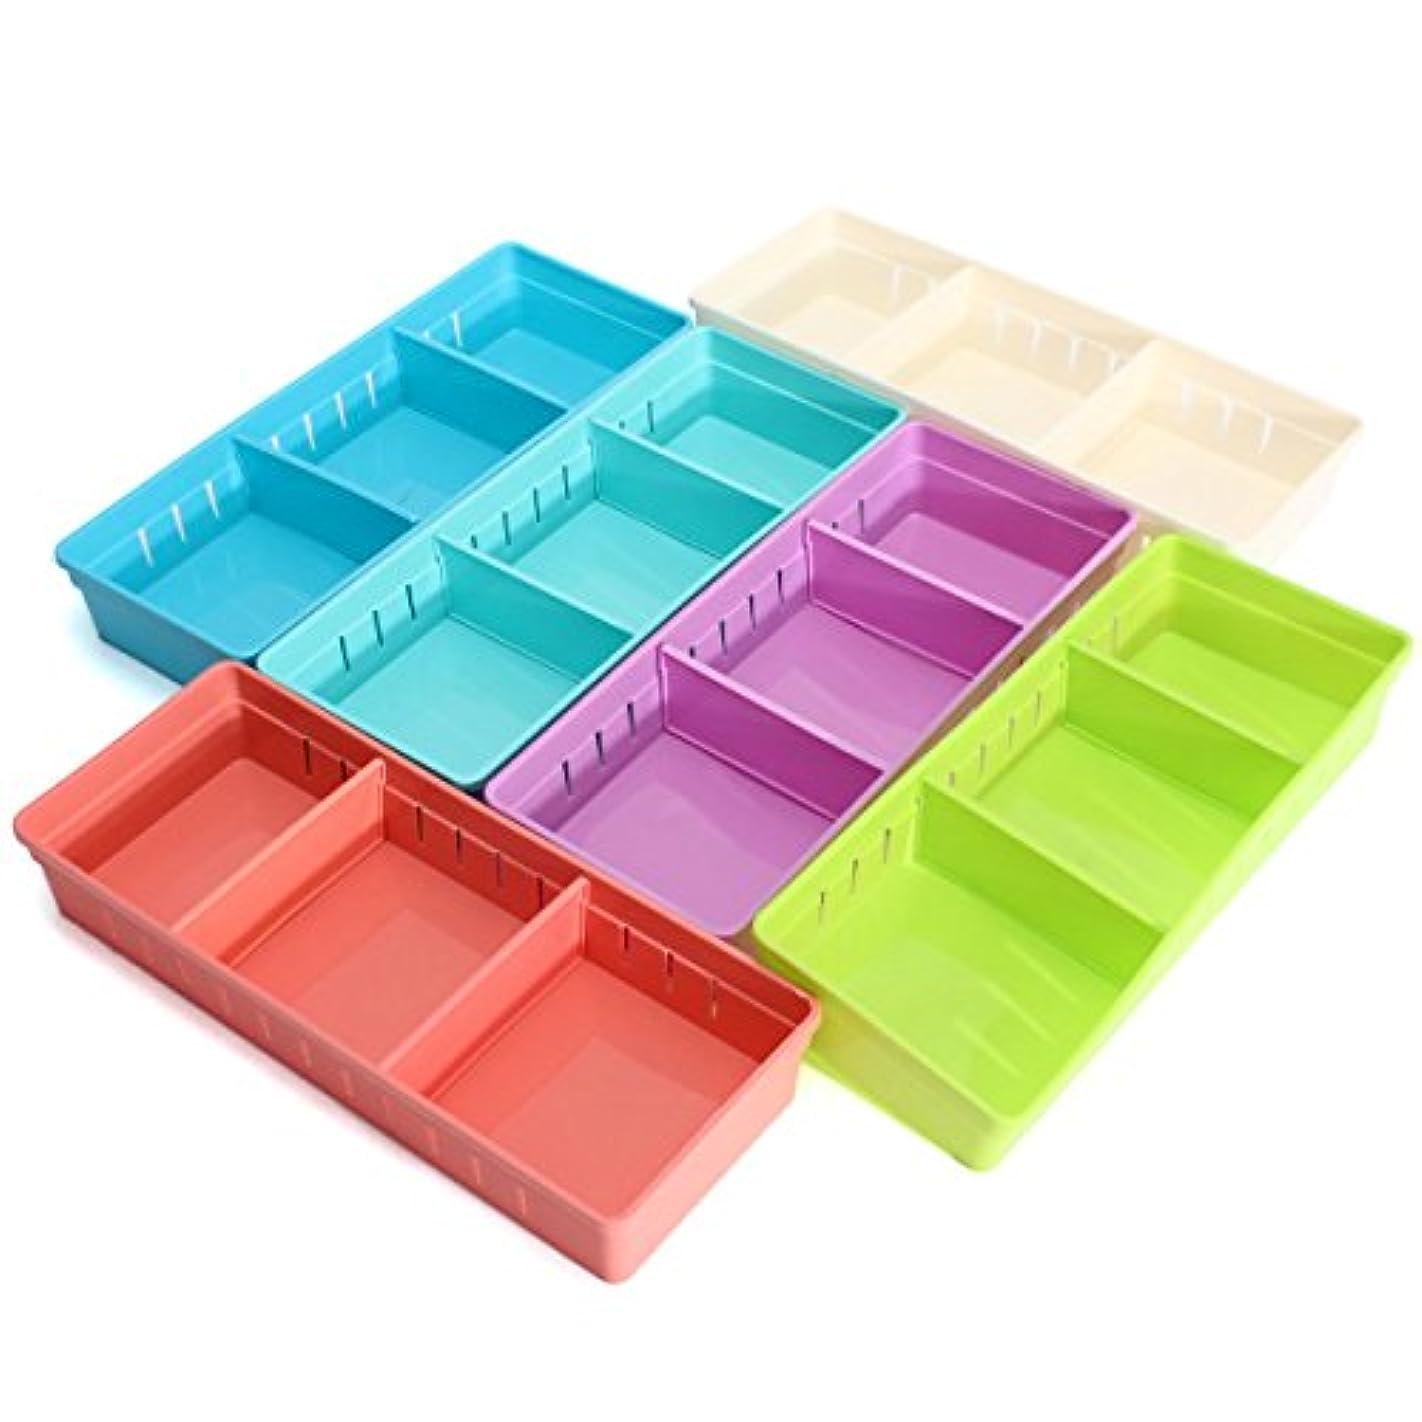 シーサイド恐怖ピンYZUEYT 調整可能なメイクアップ収納ボックス引き出しホームキッチンオフィスSupplie鉛筆ジュエリーオーガナイザー YZUEYT (Color : Color Yellow)